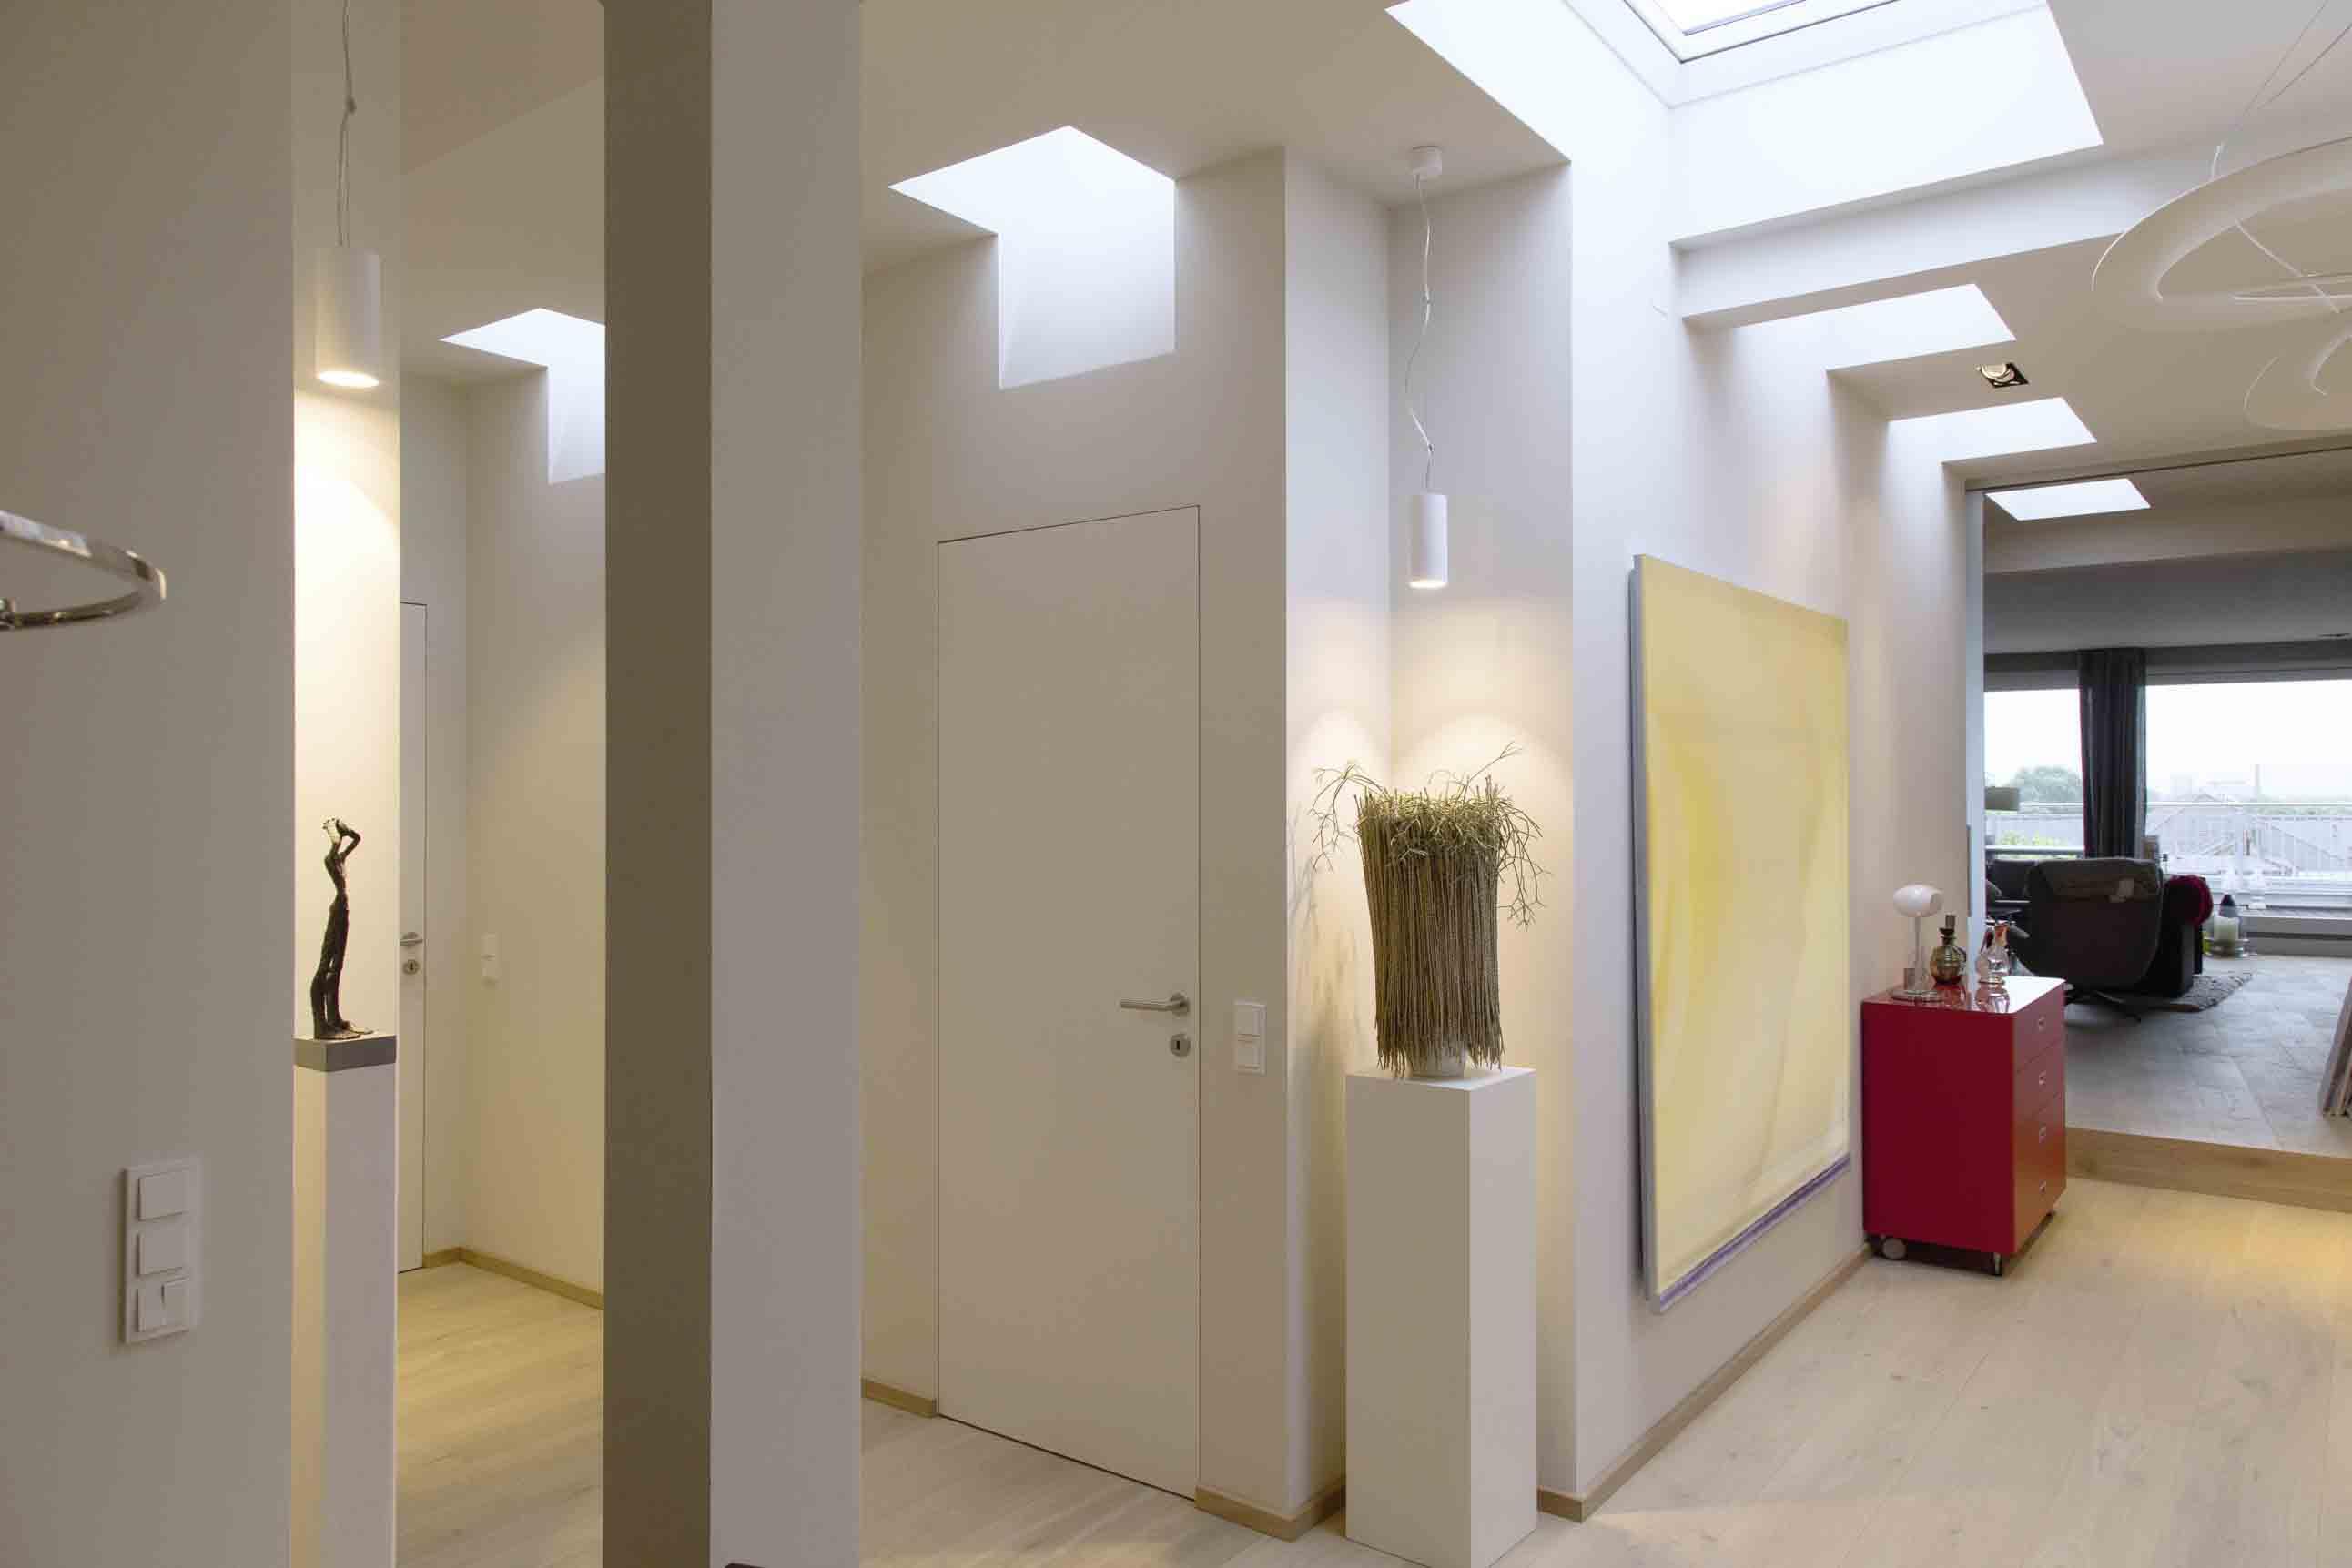 Inneneinrichtung Heidelberg, Mannheim, Stuttgart - Gaffga Interieur Design. Planung und Ausführung - Lichtplanung - Möbel auf Maß. Penthouse, Loft